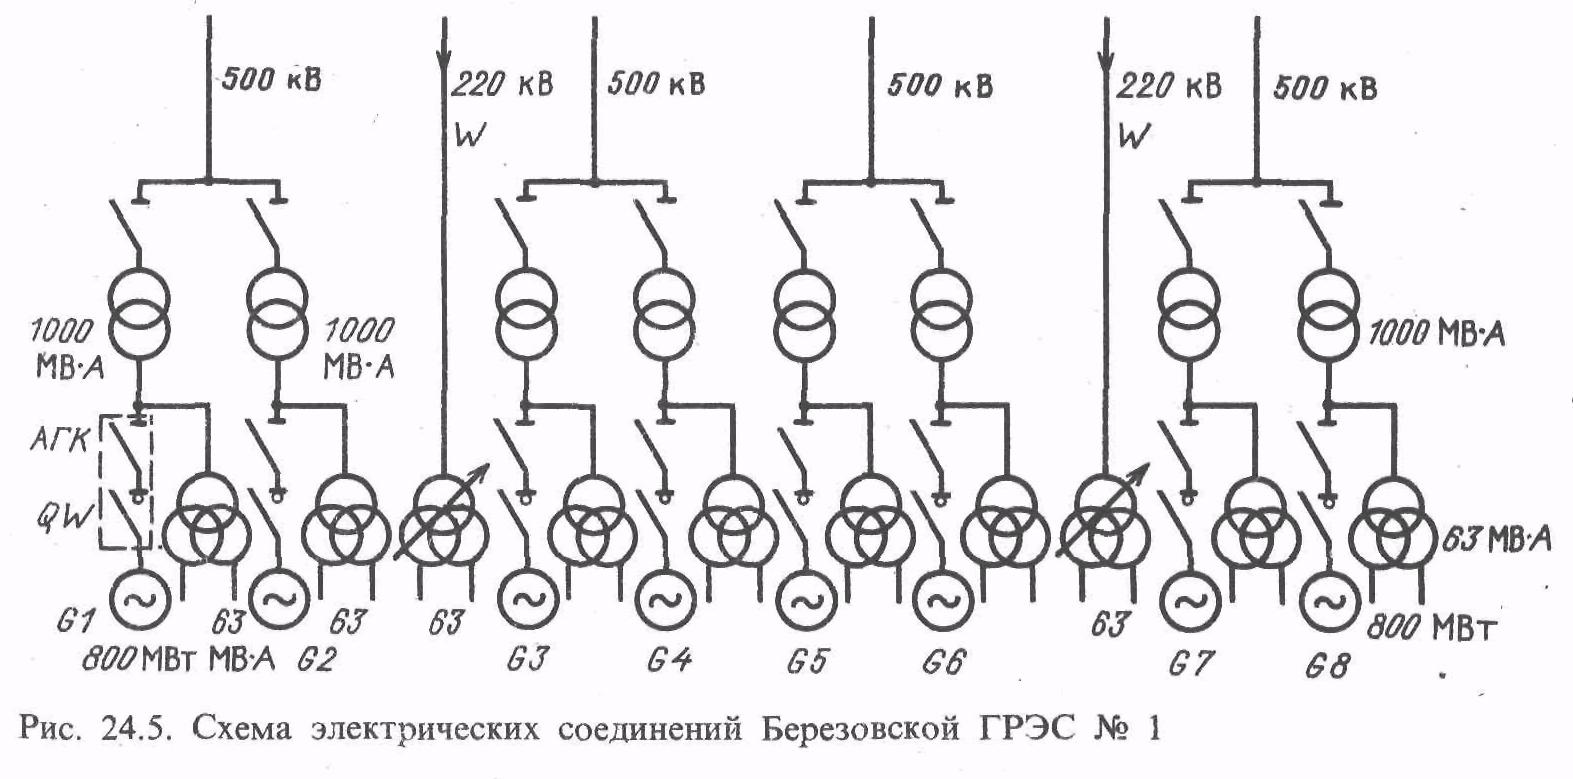 Березовская грэс схема